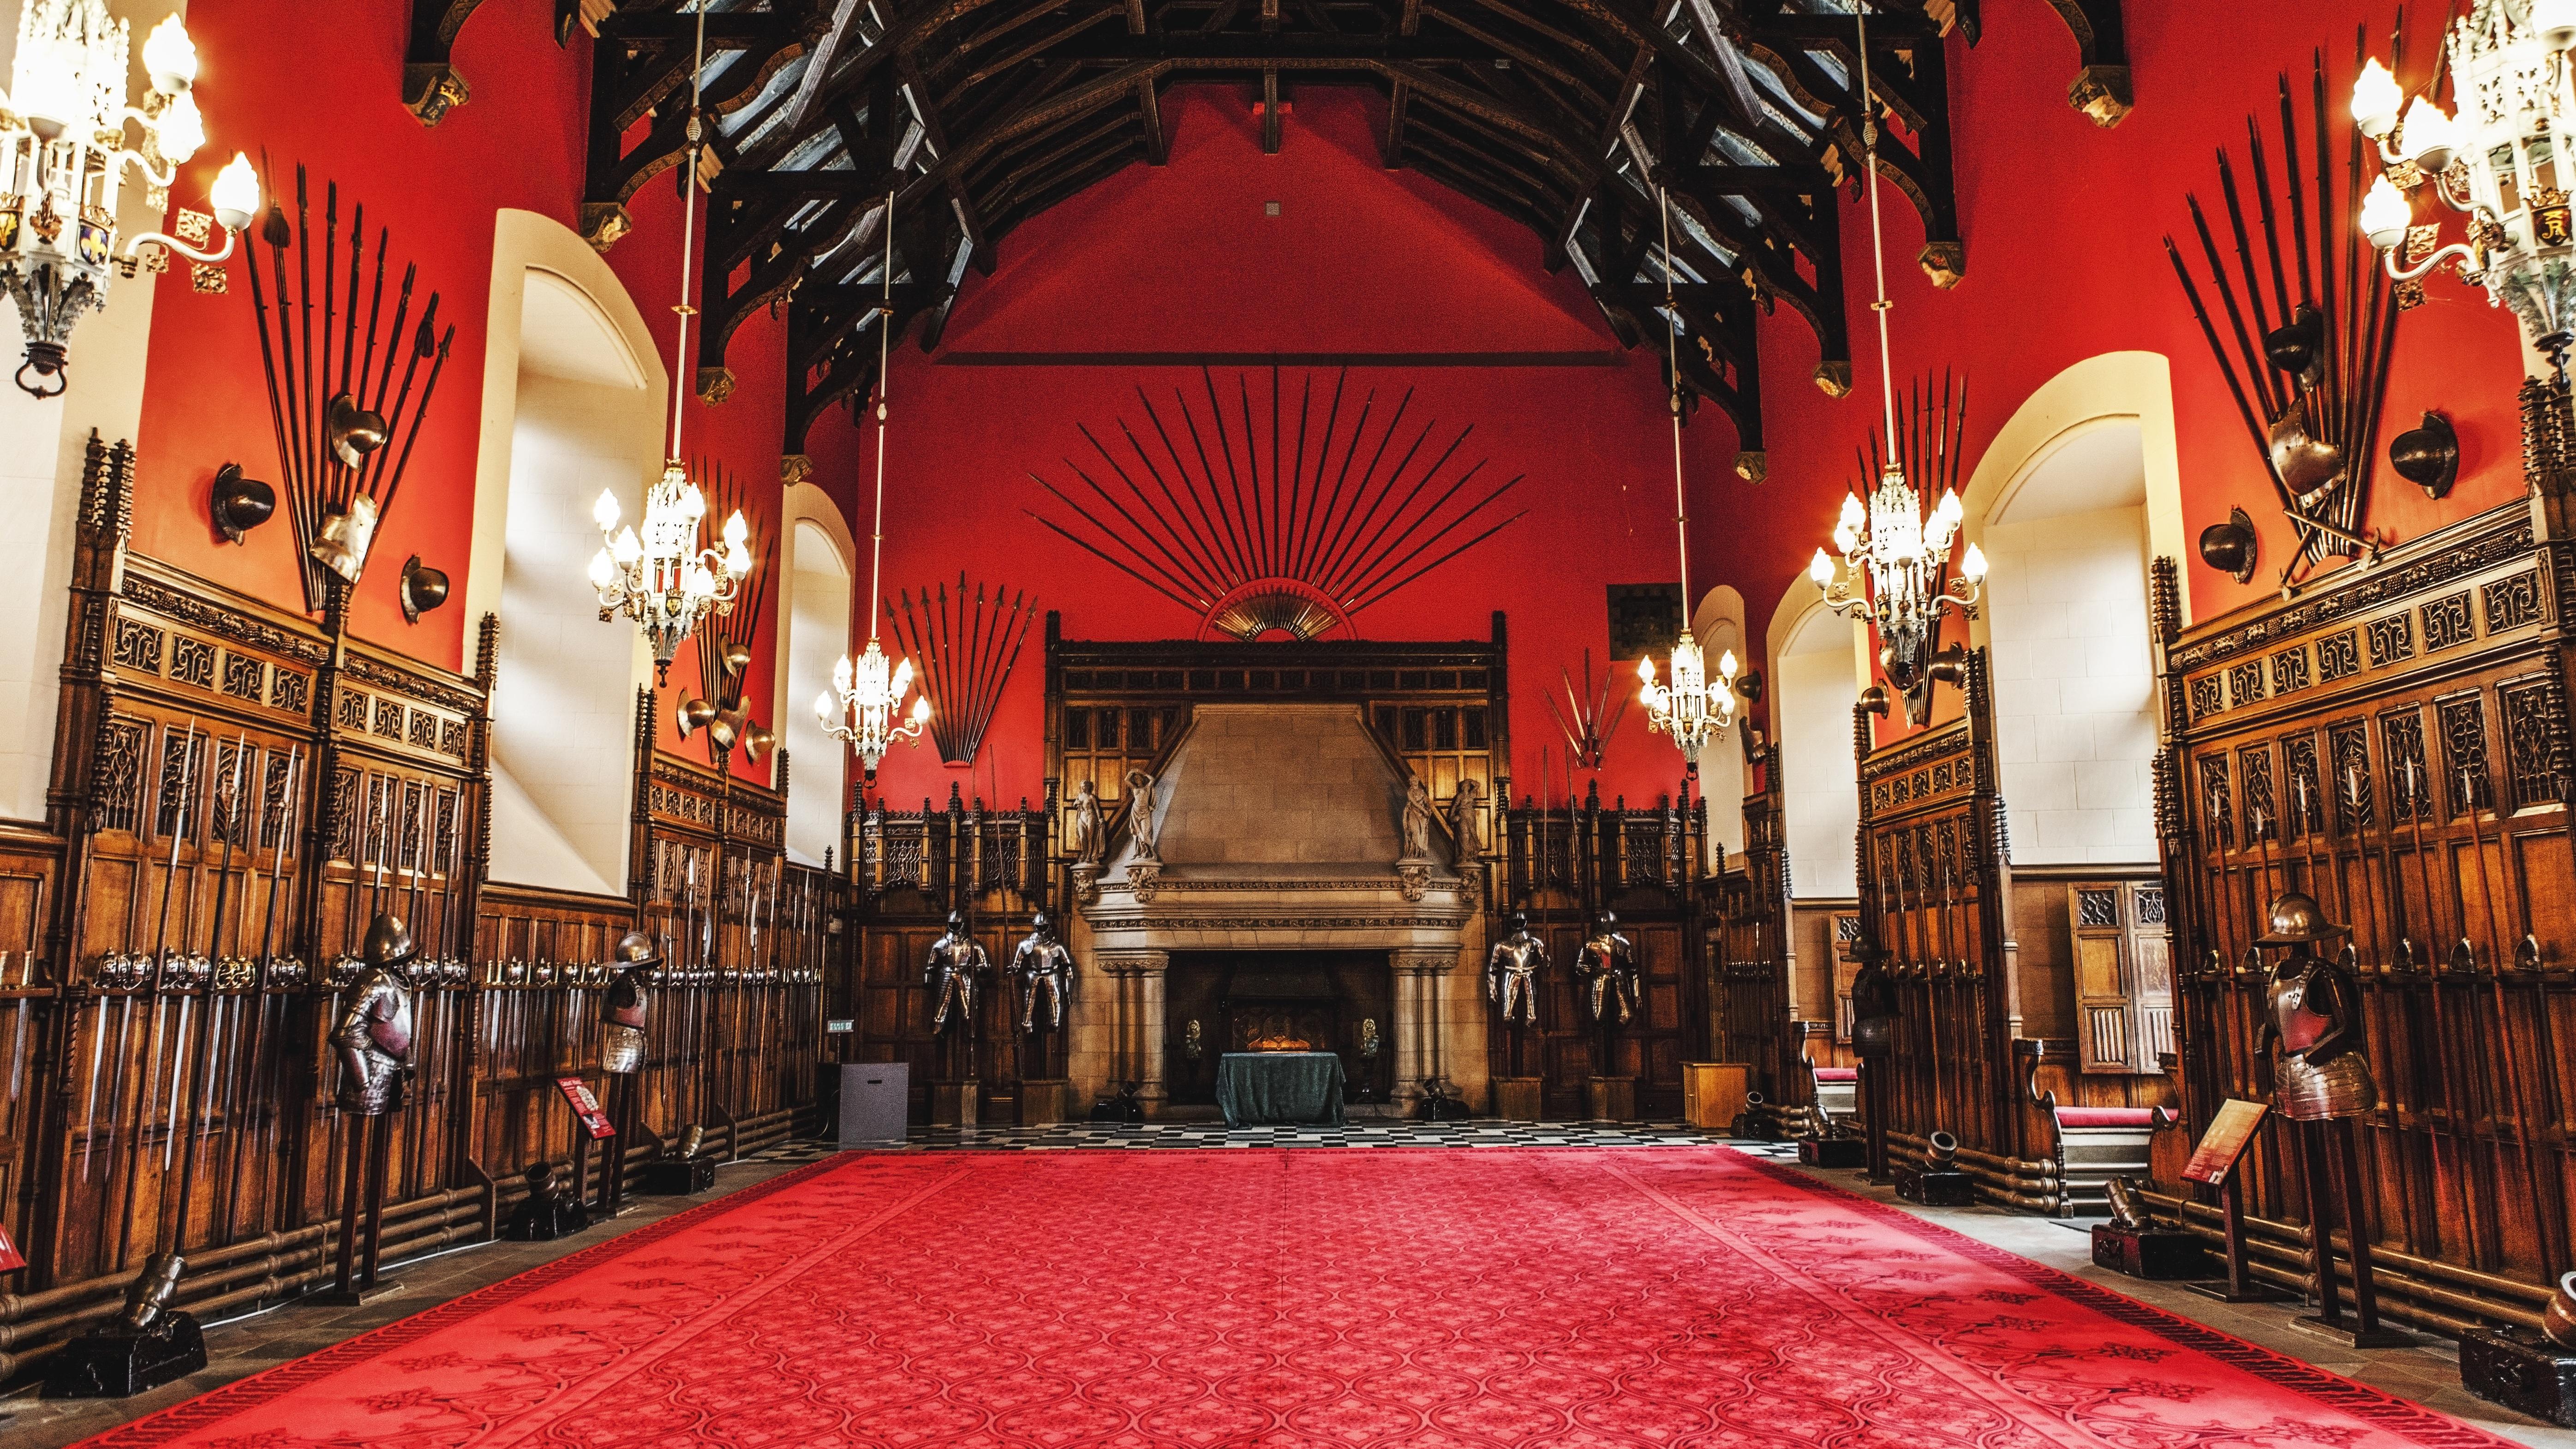 Gambar Bangunan Istana Merah Katedral Kapel Tempat